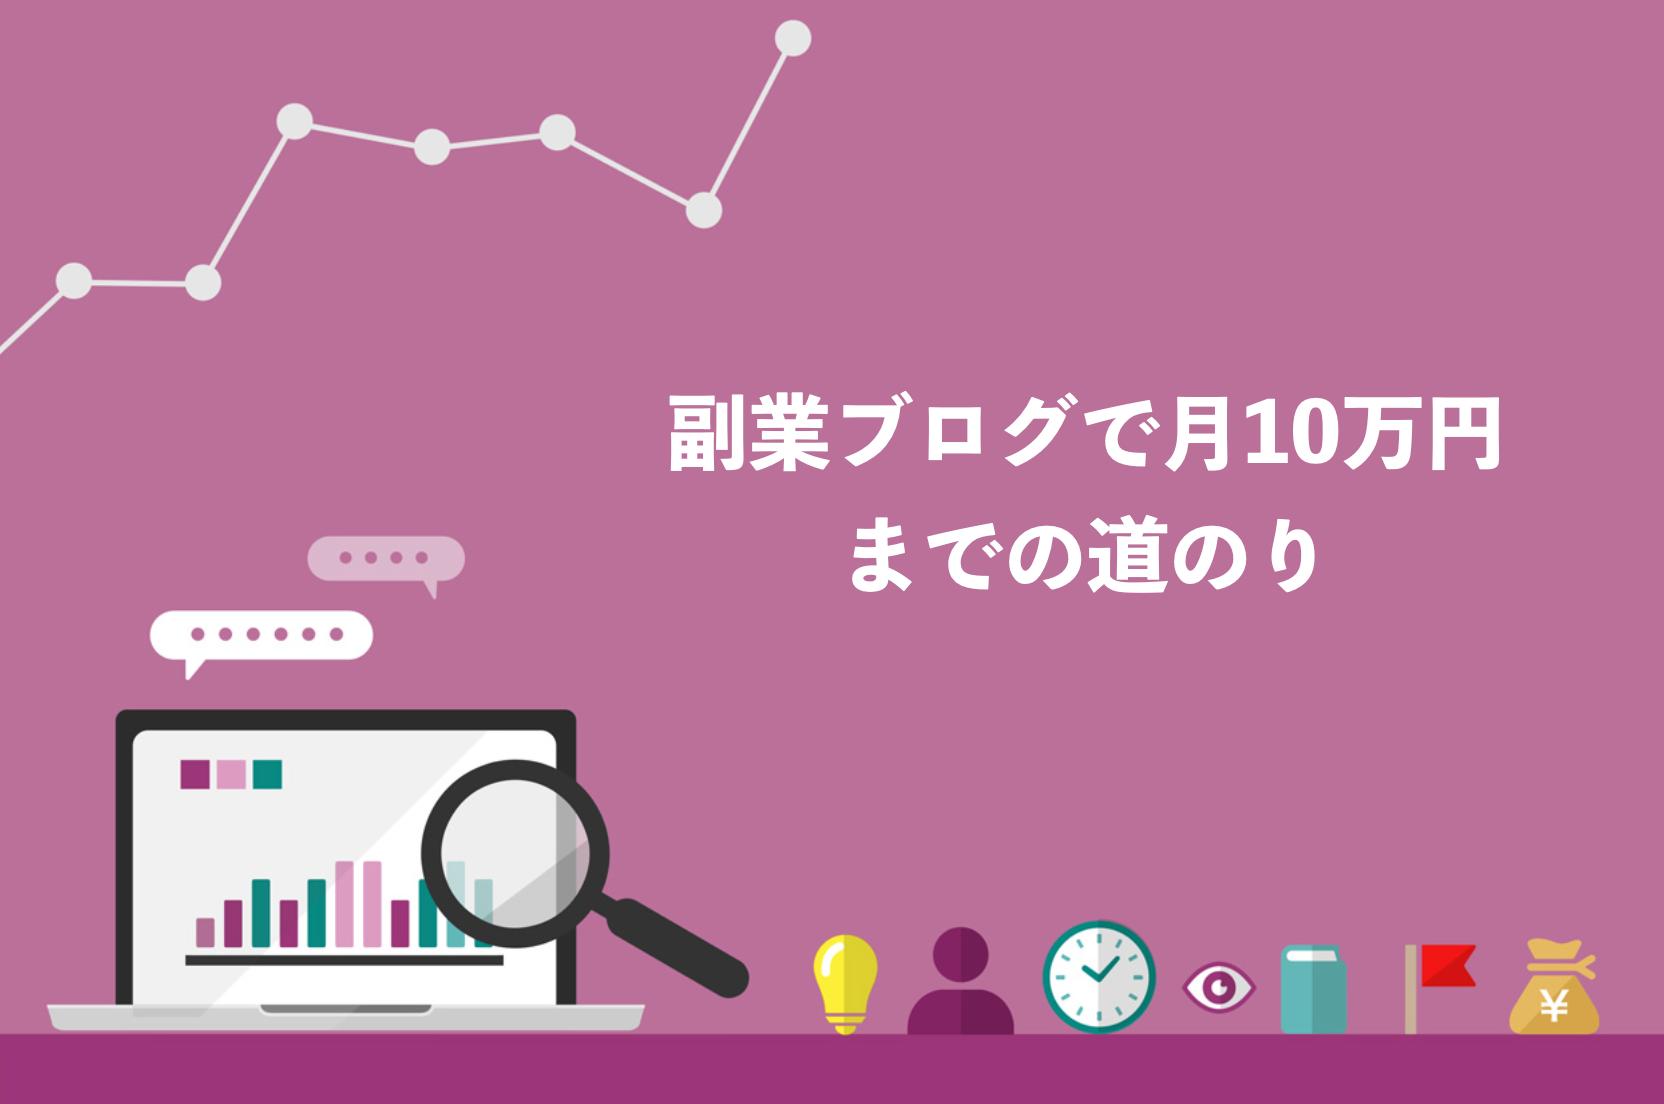 副業ブログで月10万円稼ぐまでの収益推移